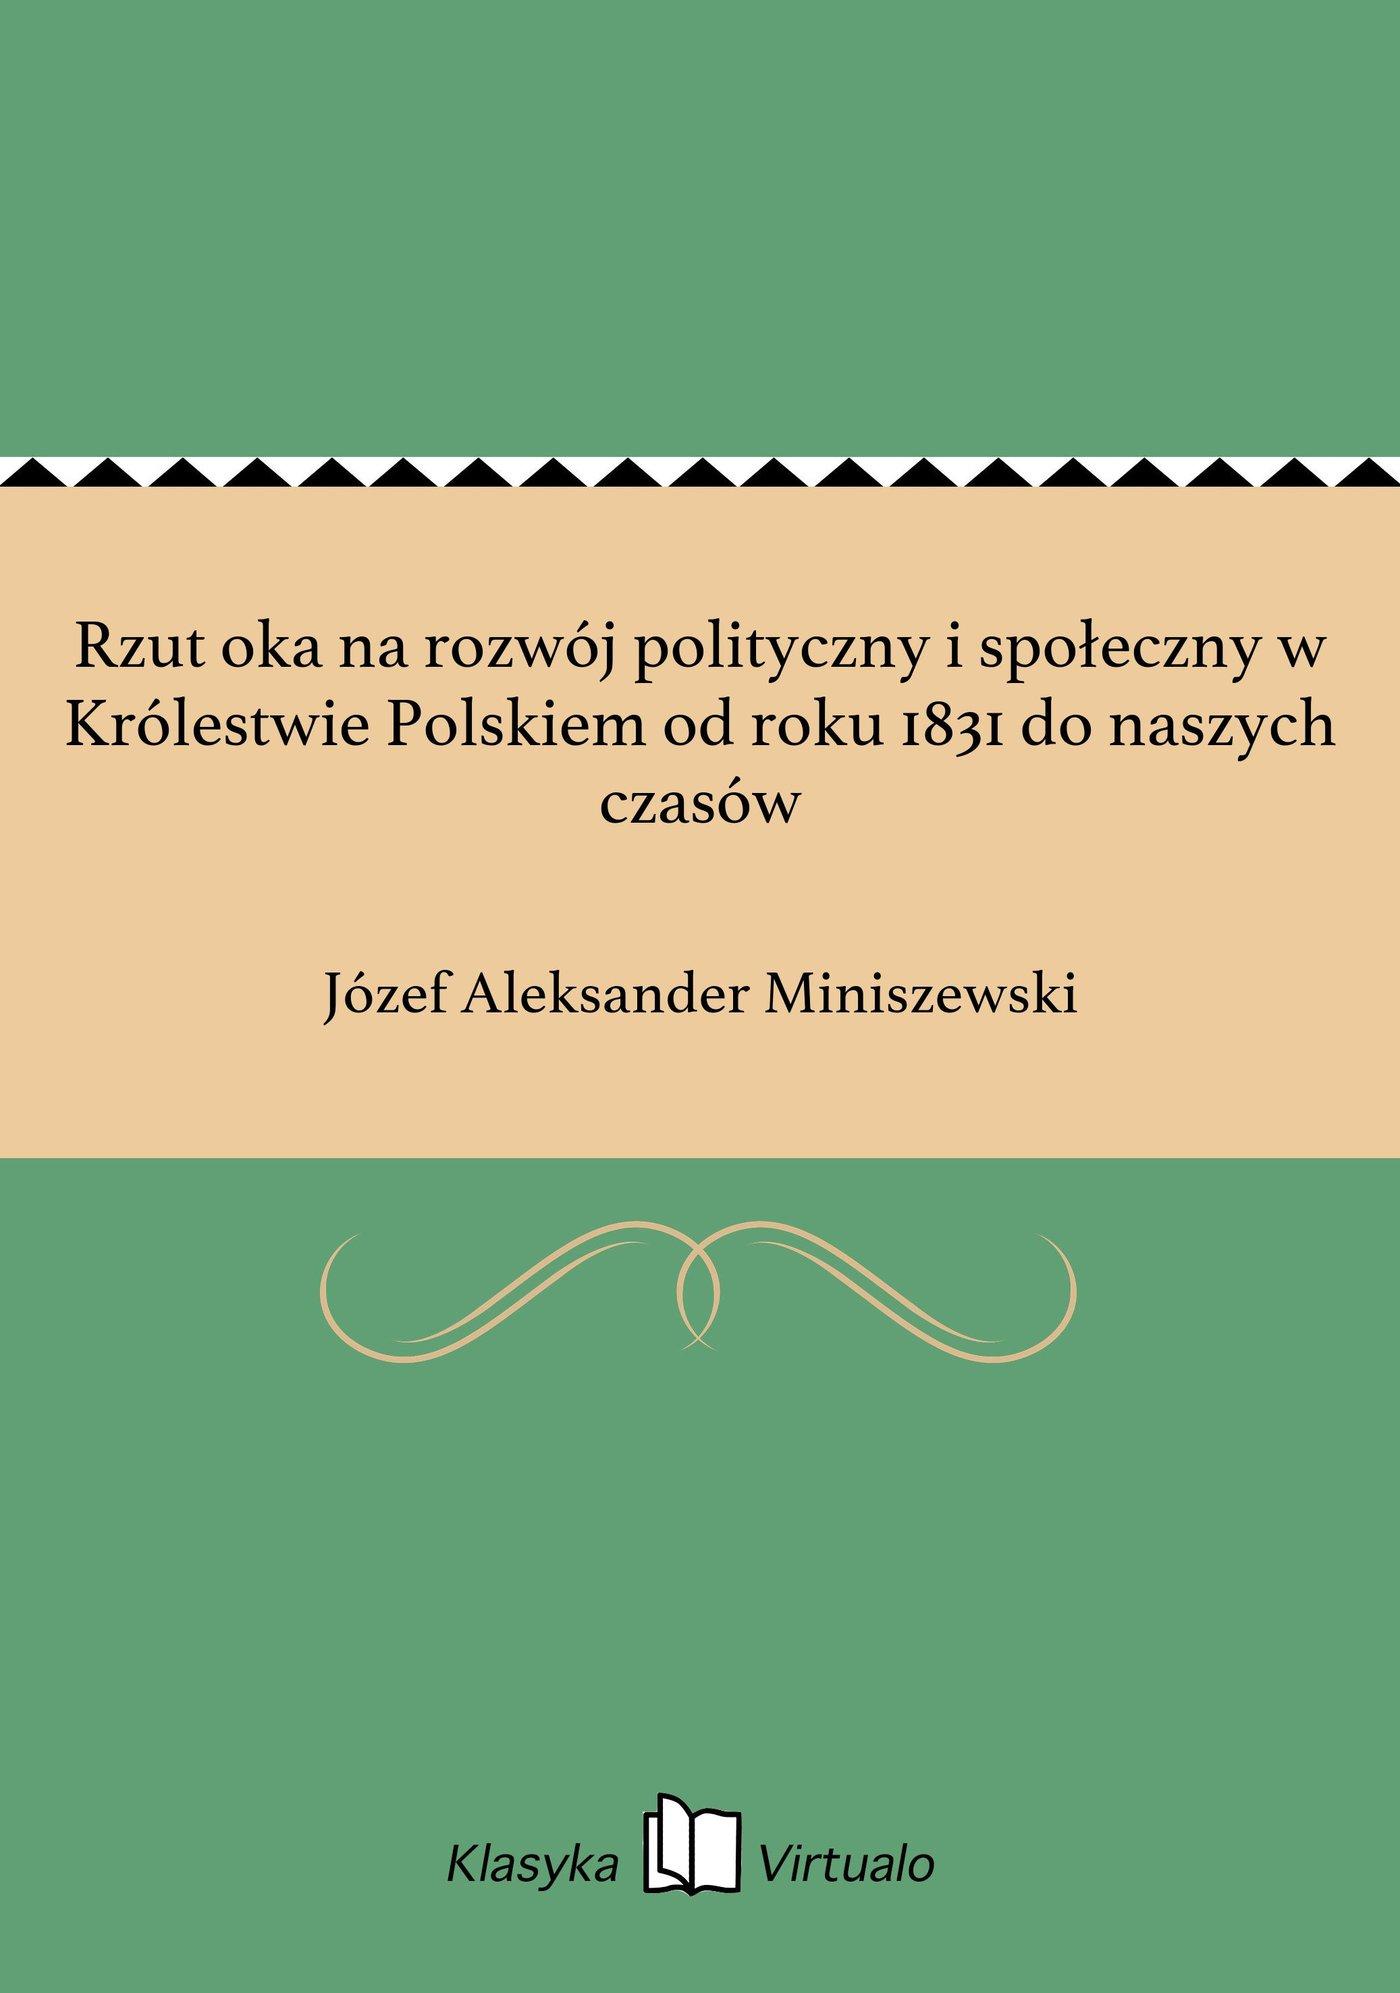 Rzut oka na rozwój polityczny i społeczny w Królestwie Polskiem od roku 1831 do naszych czasów - Ebook (Książka na Kindle) do pobrania w formacie MOBI